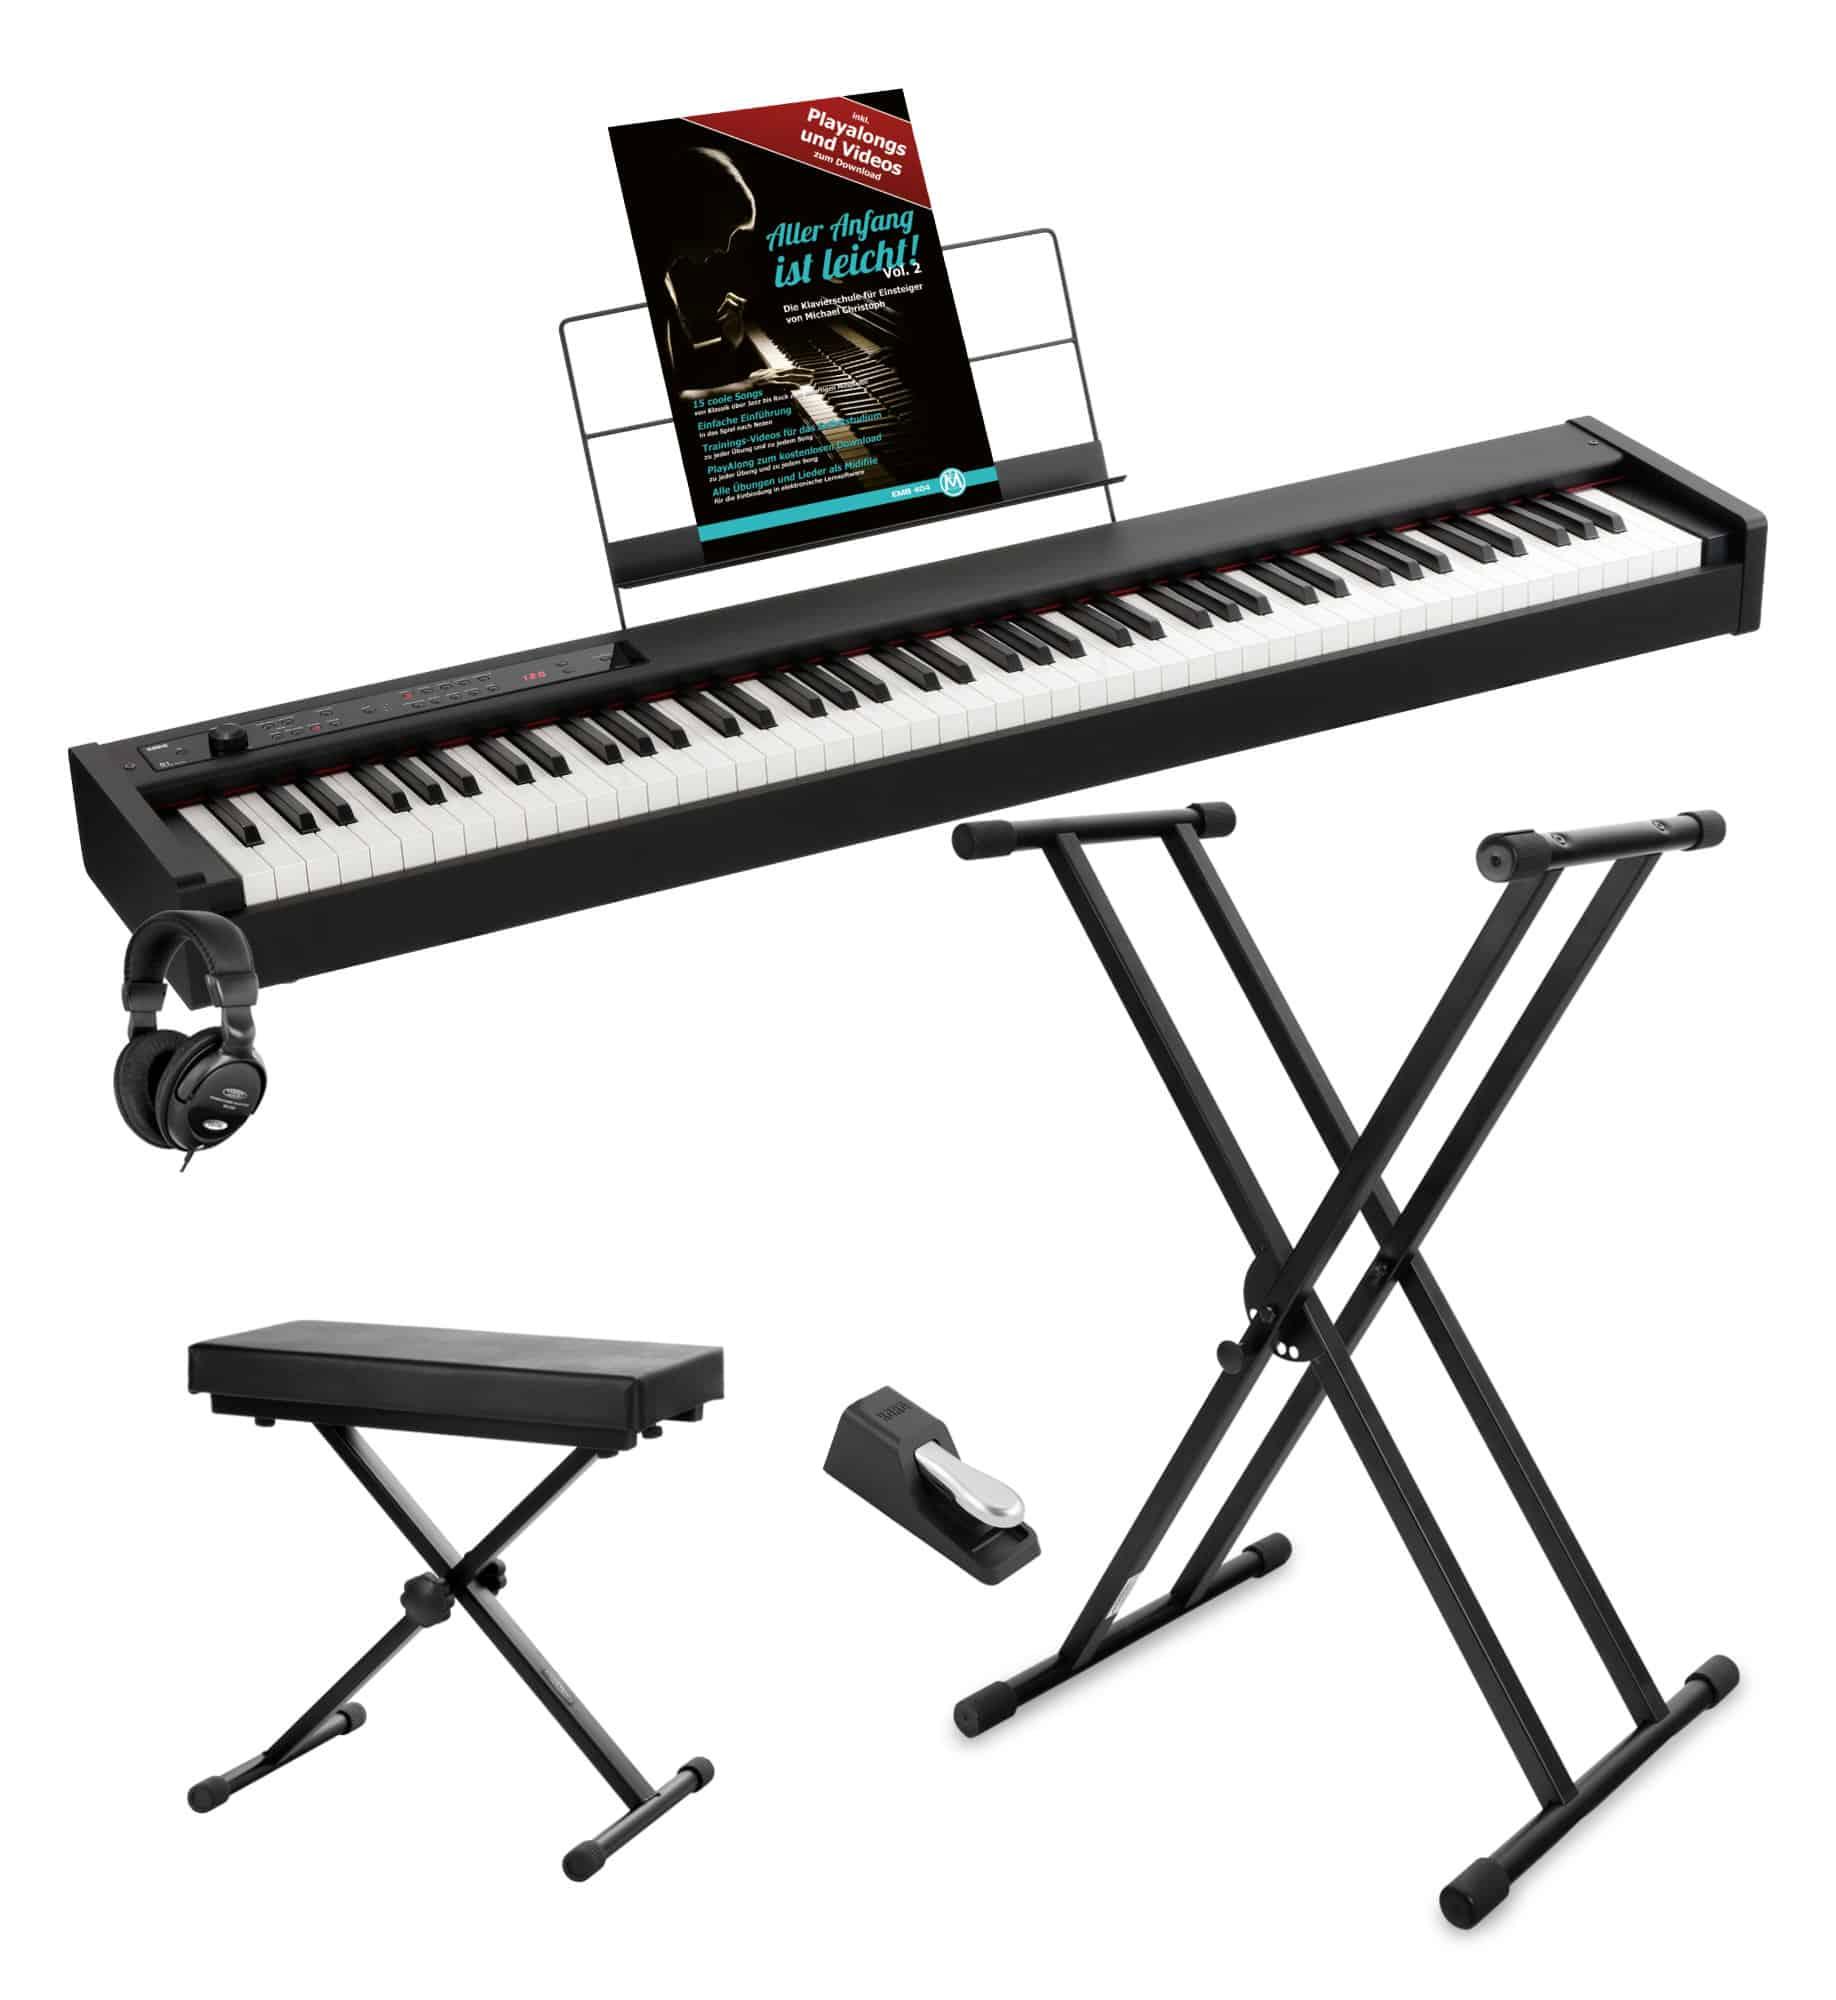 Korg D1 Digital Piano Set inkl. Kopfhörer, Ständer, Bank Schule